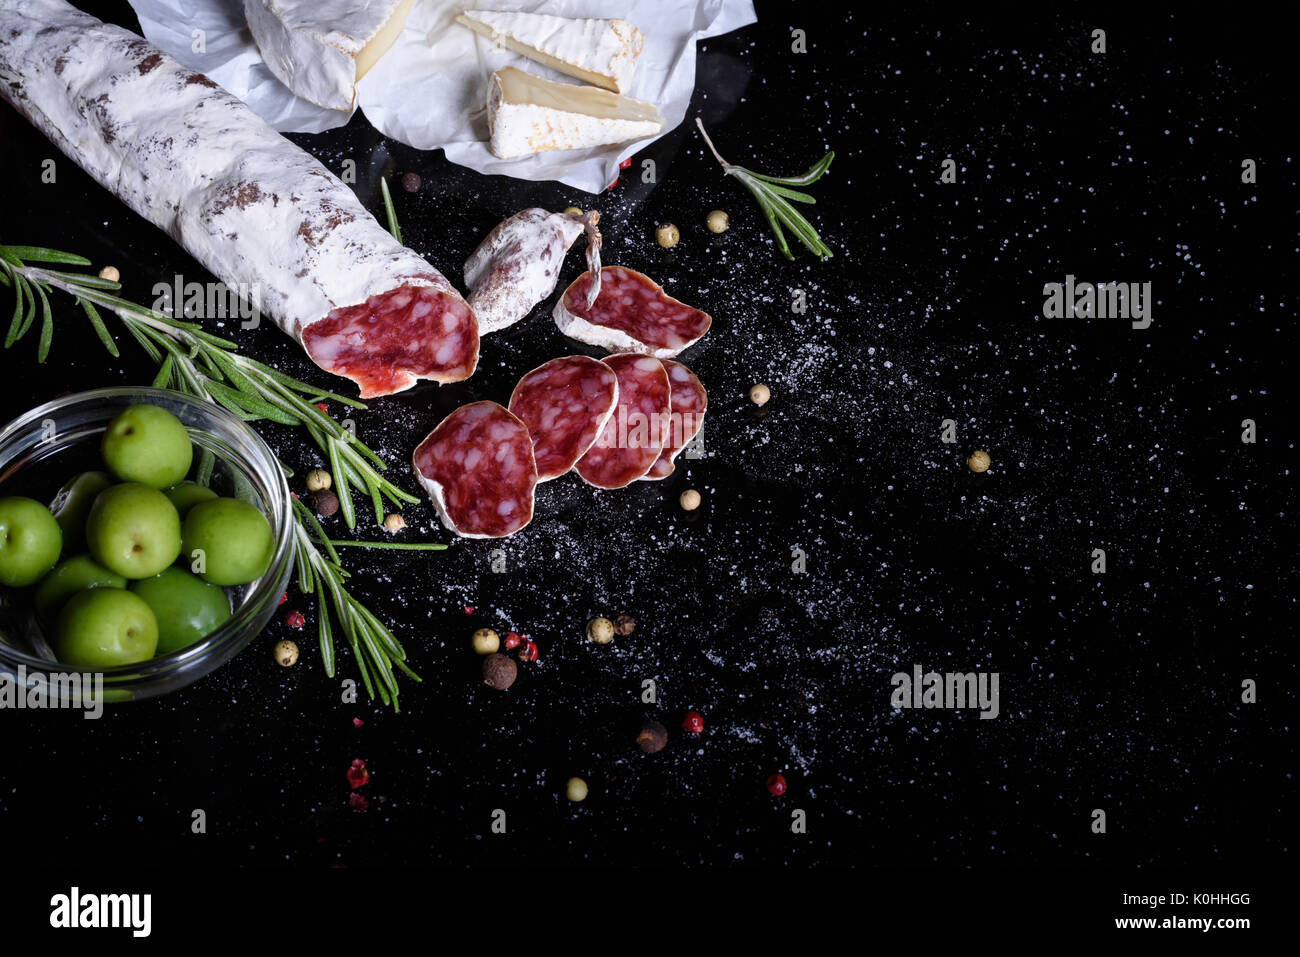 Traditionelle spanische Snack auf schwarzen Hintergrund. Fuet Wurst mit Käse und Oliven. Ansicht von oben. Stockbild